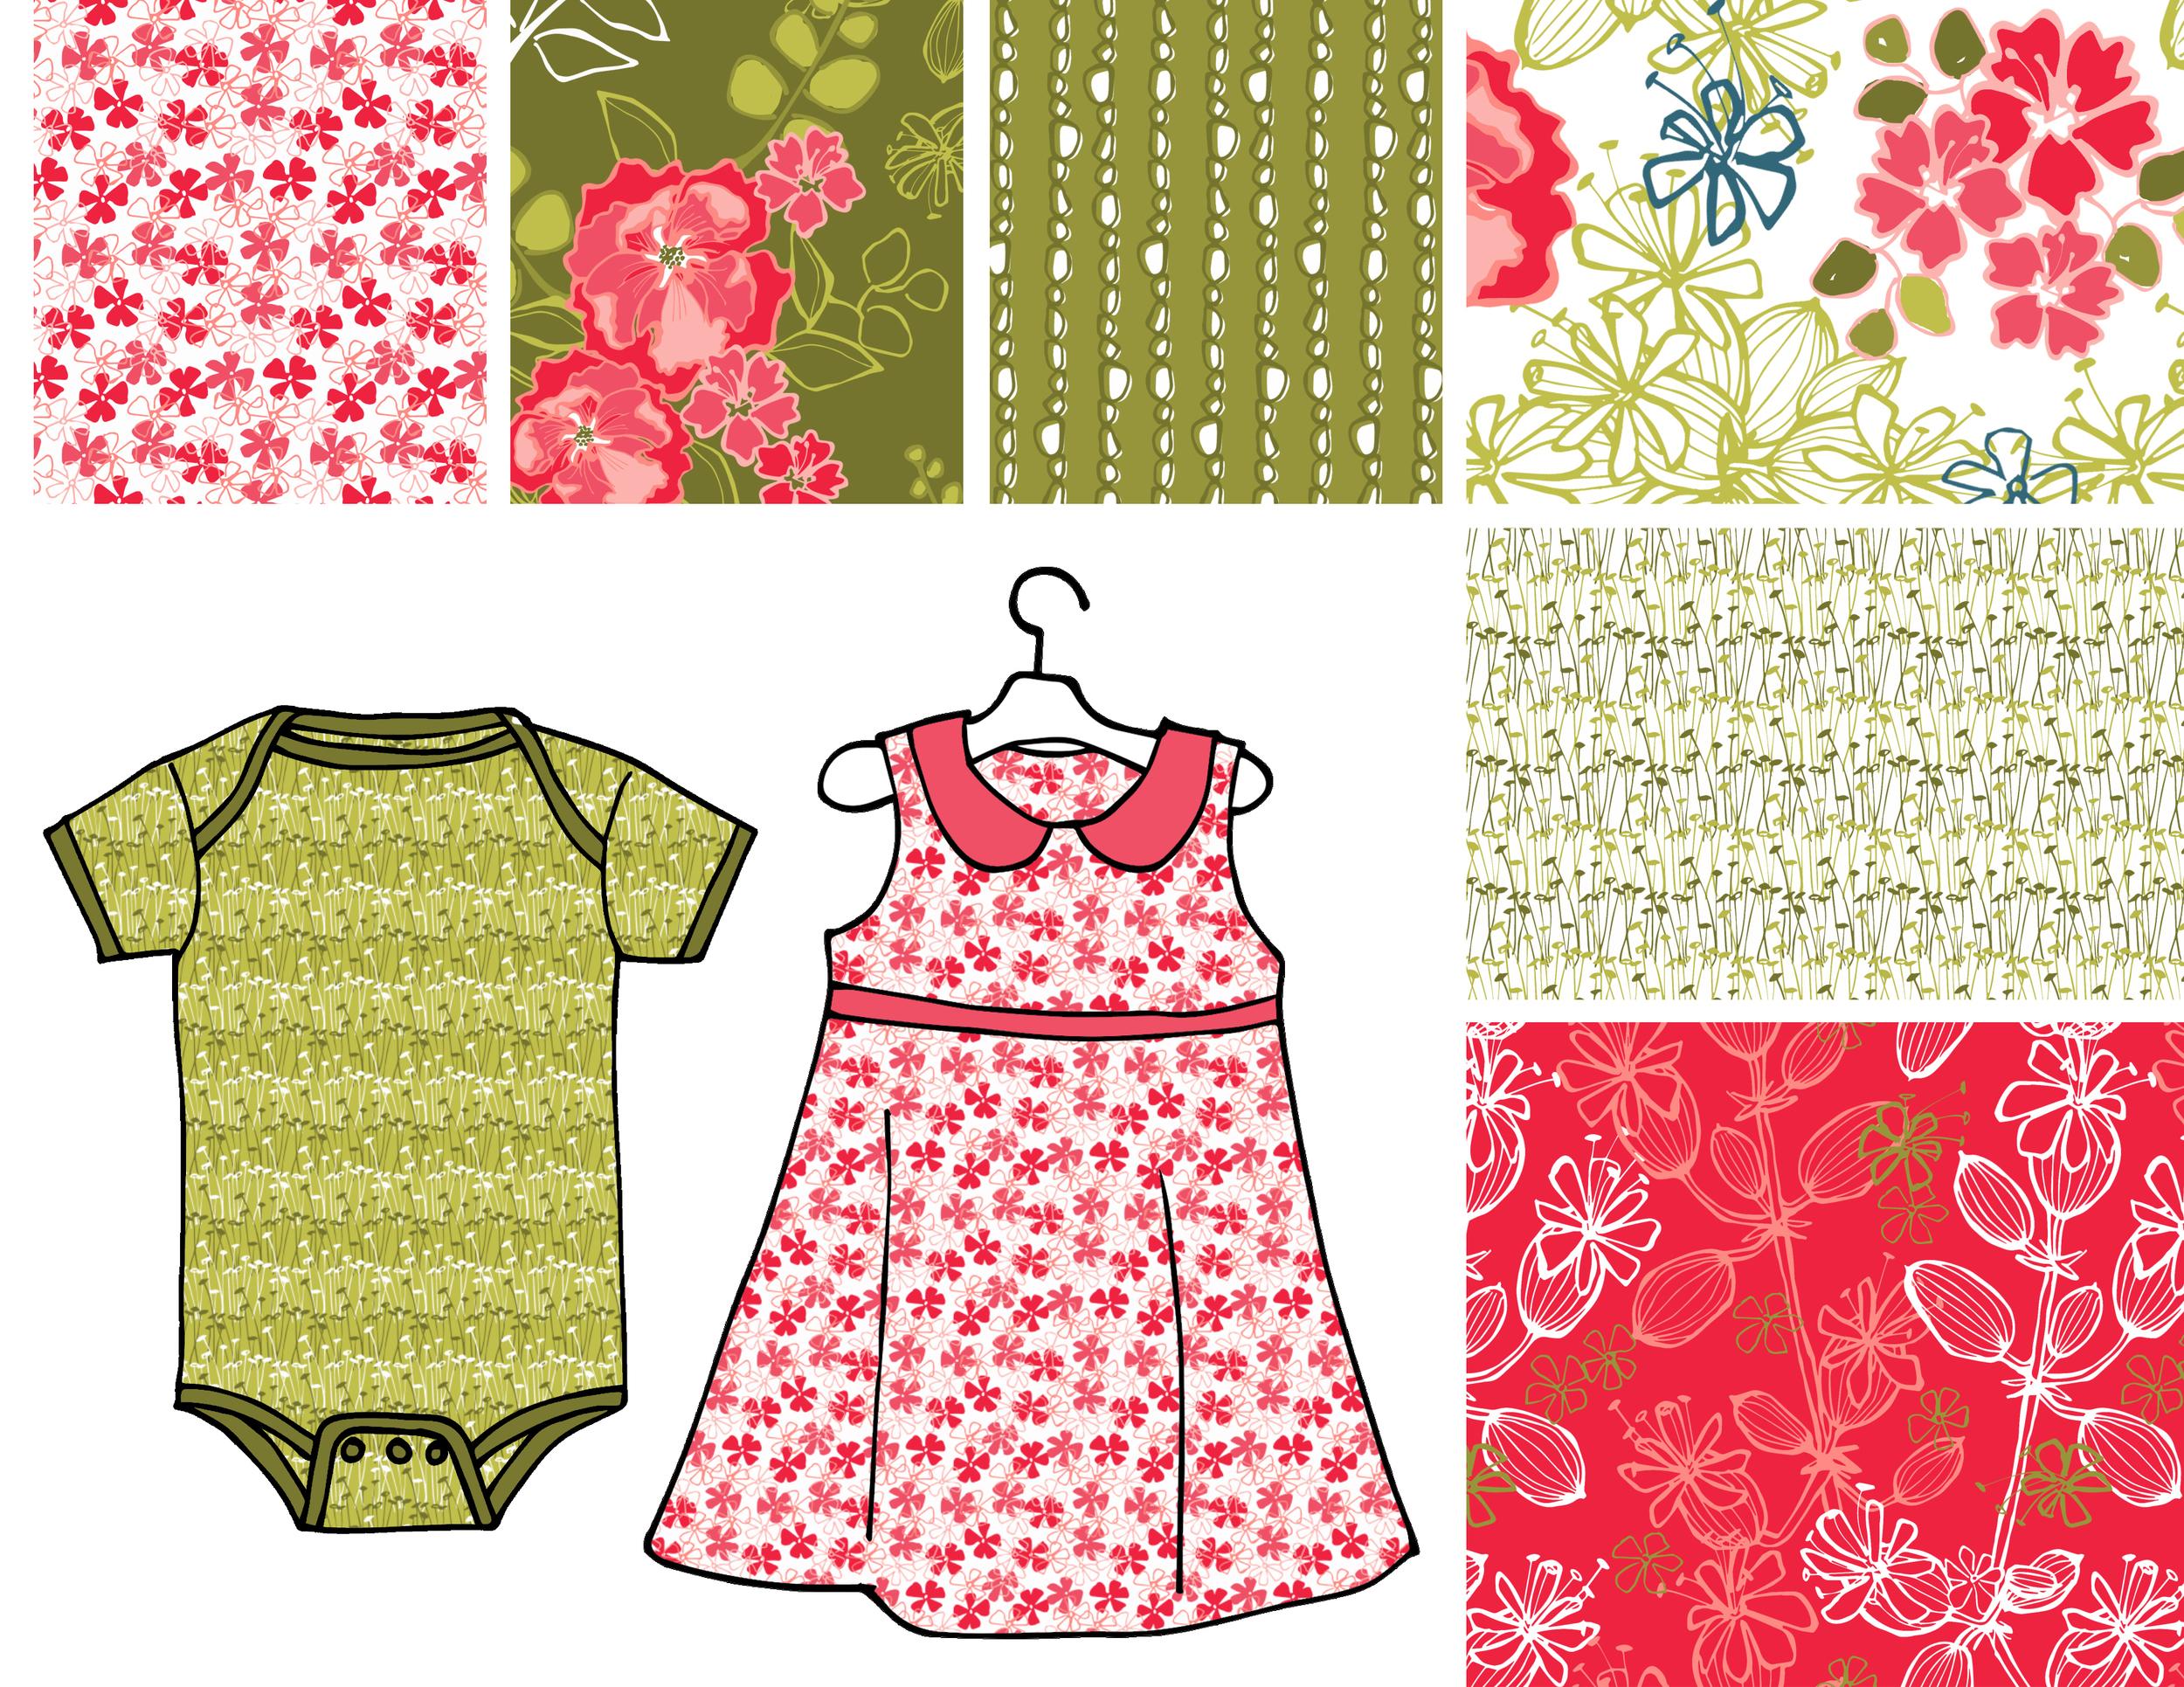 12 Annesley cottage patterned mockups2 (1).jpg